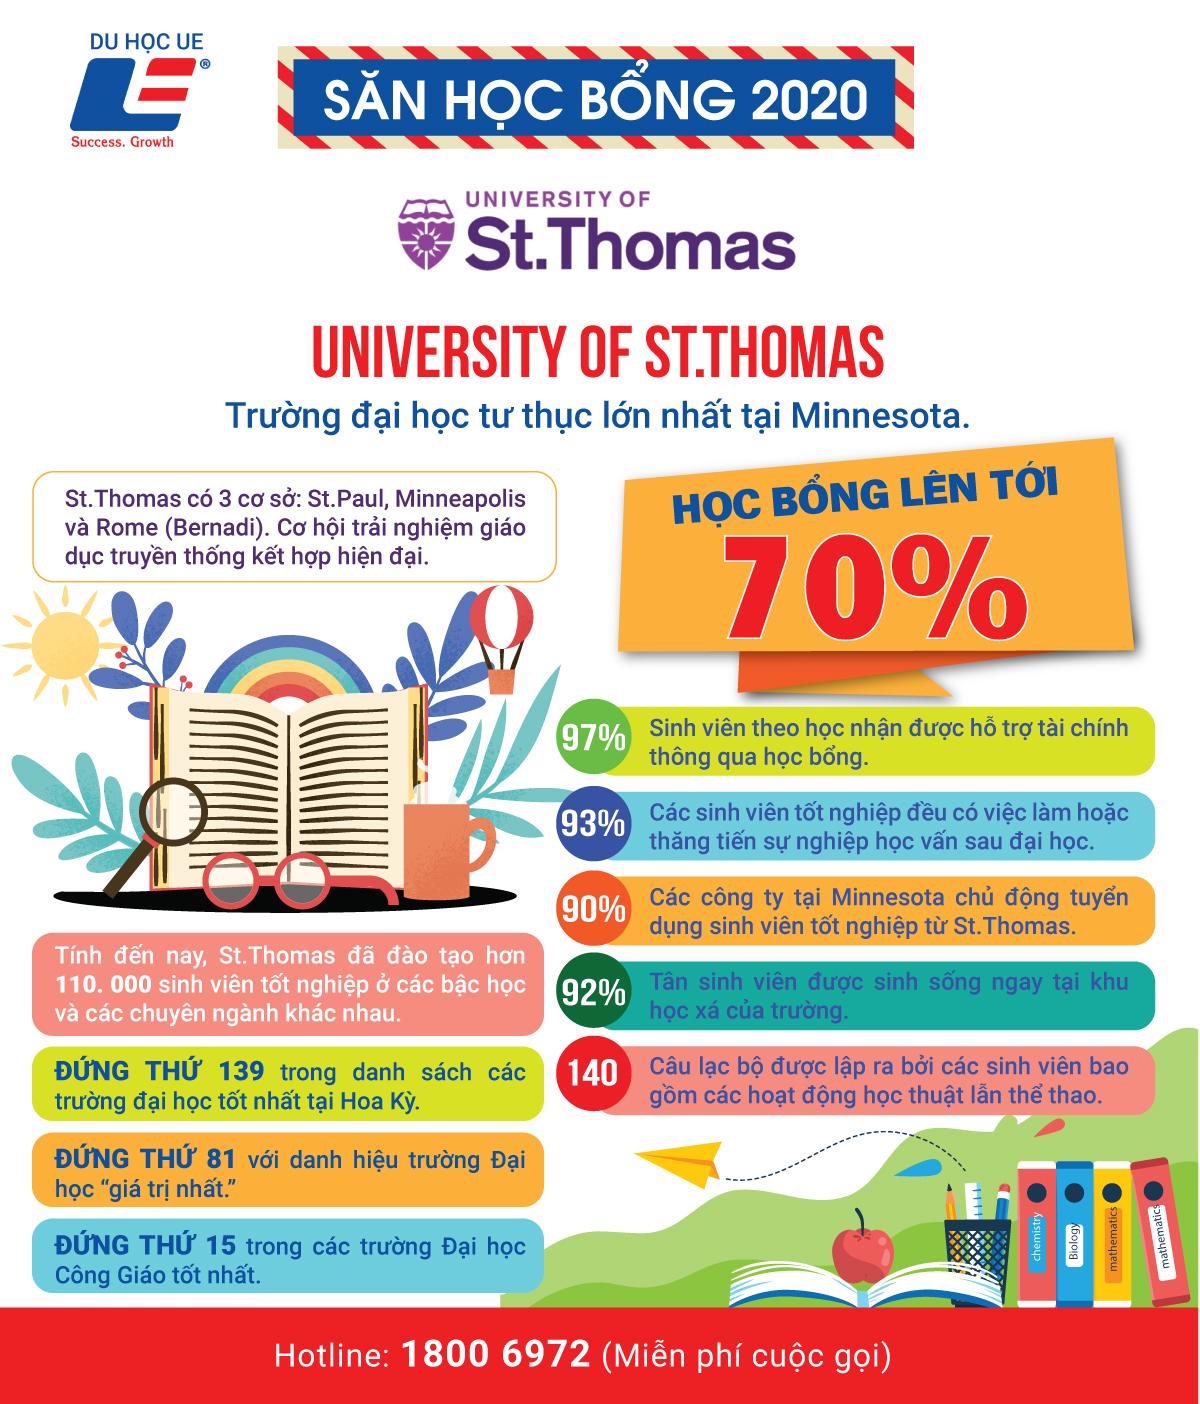 Học bổng lên tới 70% khi ứng tuyển vào University Of St. Thomas